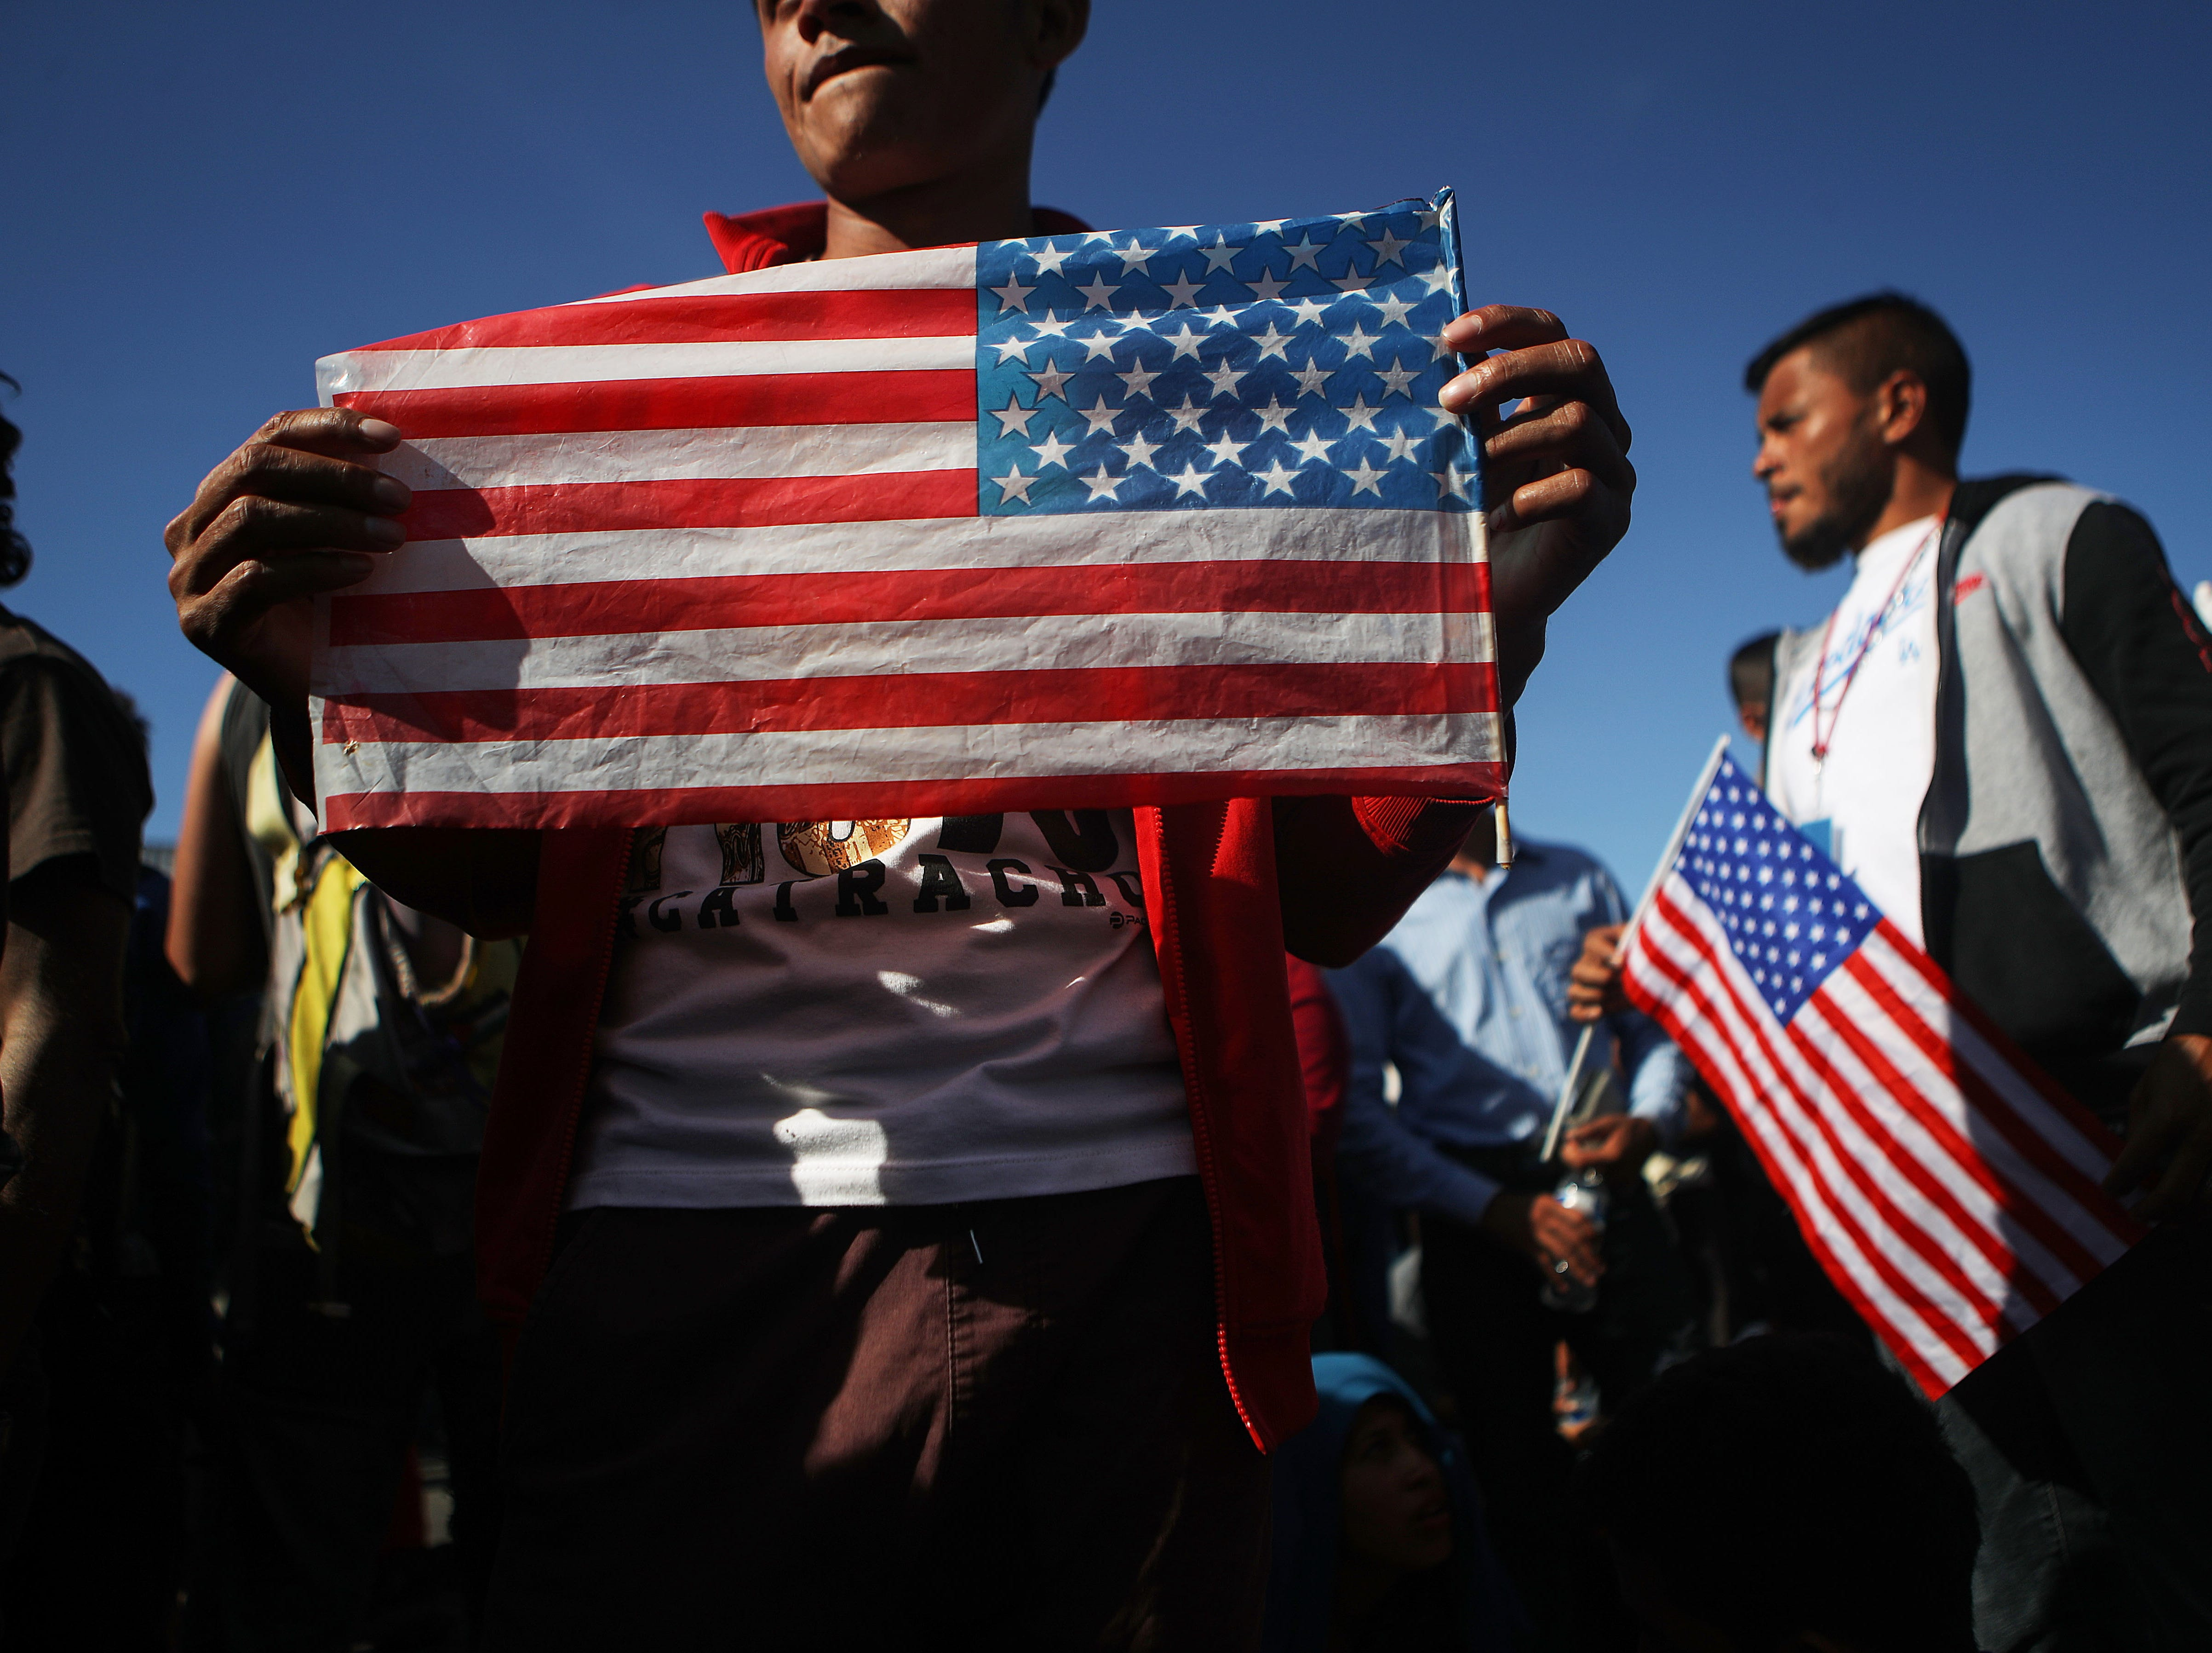 Los migrantes sostienen banderas estadounidenses durante una marcha pacífica poco antes de que algunos evadieran un bloqueo policial y se apresuraran hacia el puerto de entrada de El Chaparral el 25 de noviembre de 2018 en Tijuana, México.